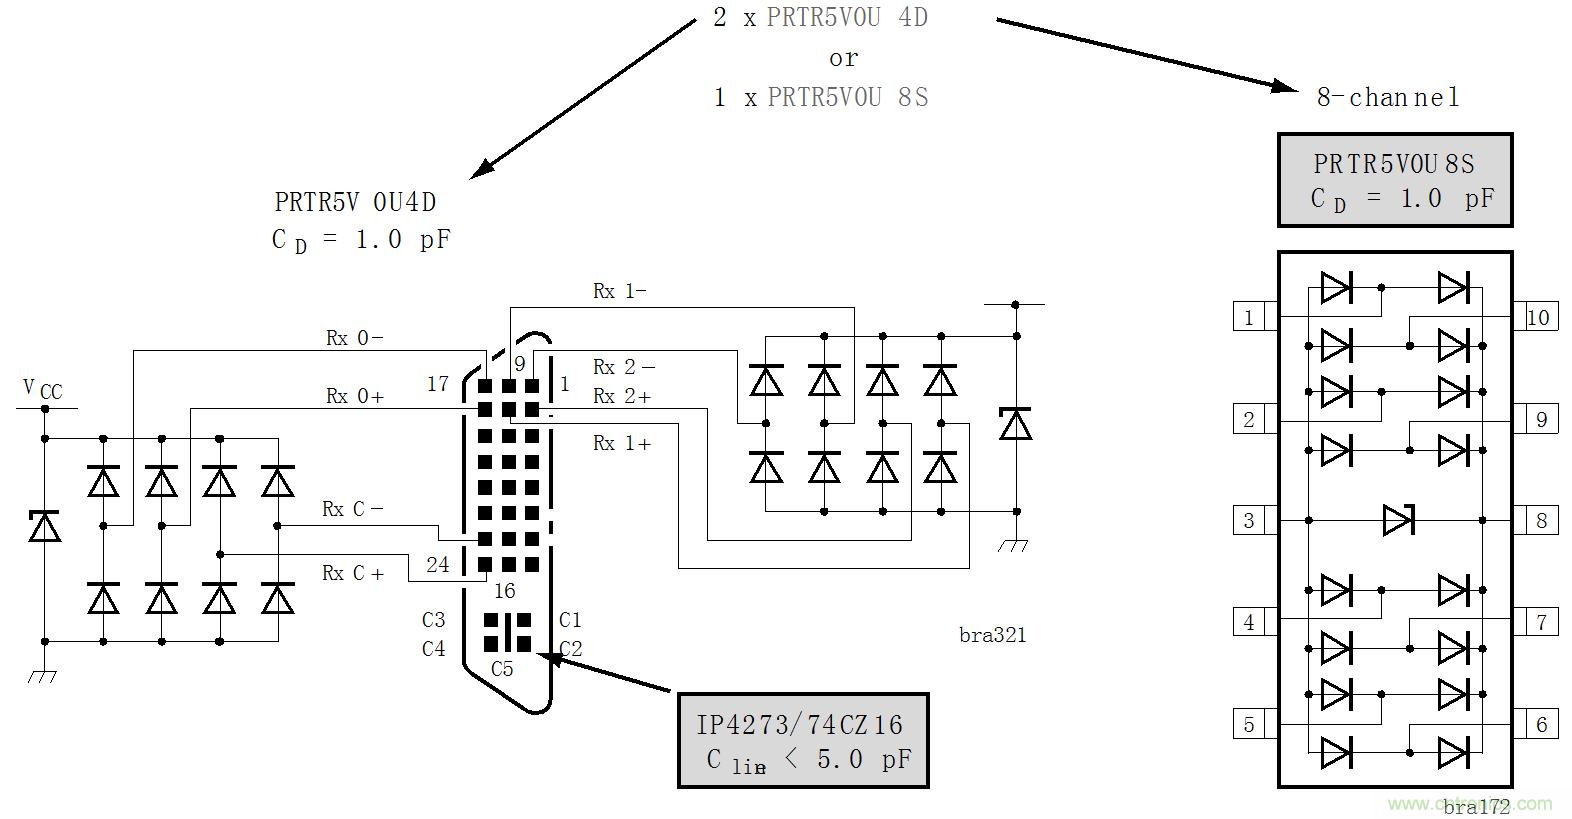 esd器件在保护电路中的十大应用-电路保护-电子元件